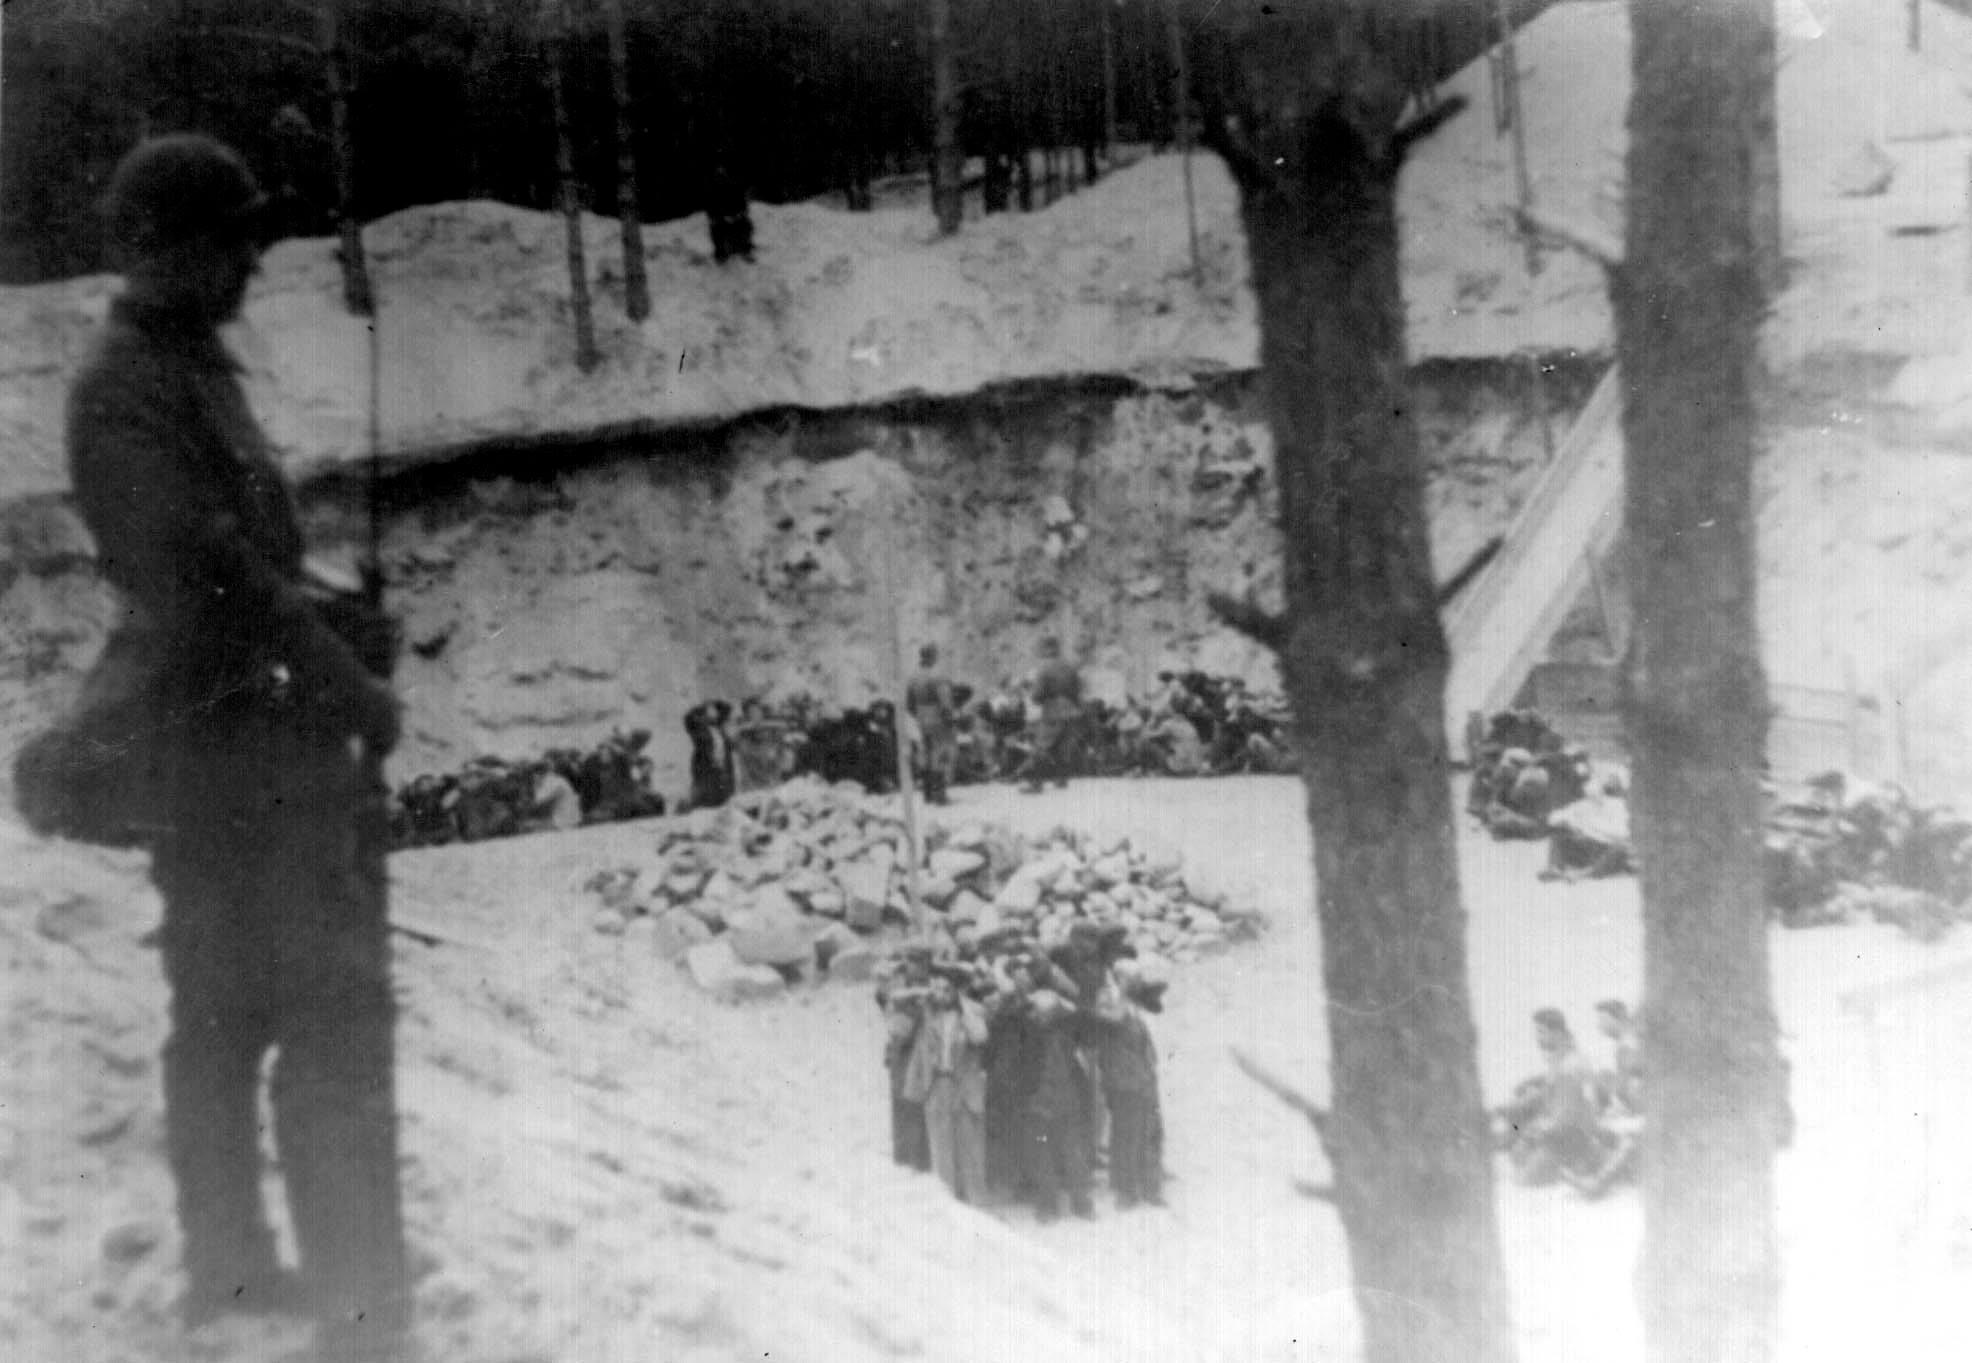 1941. Евреи в Понарах стоят в яме, в которой они и будут убиты